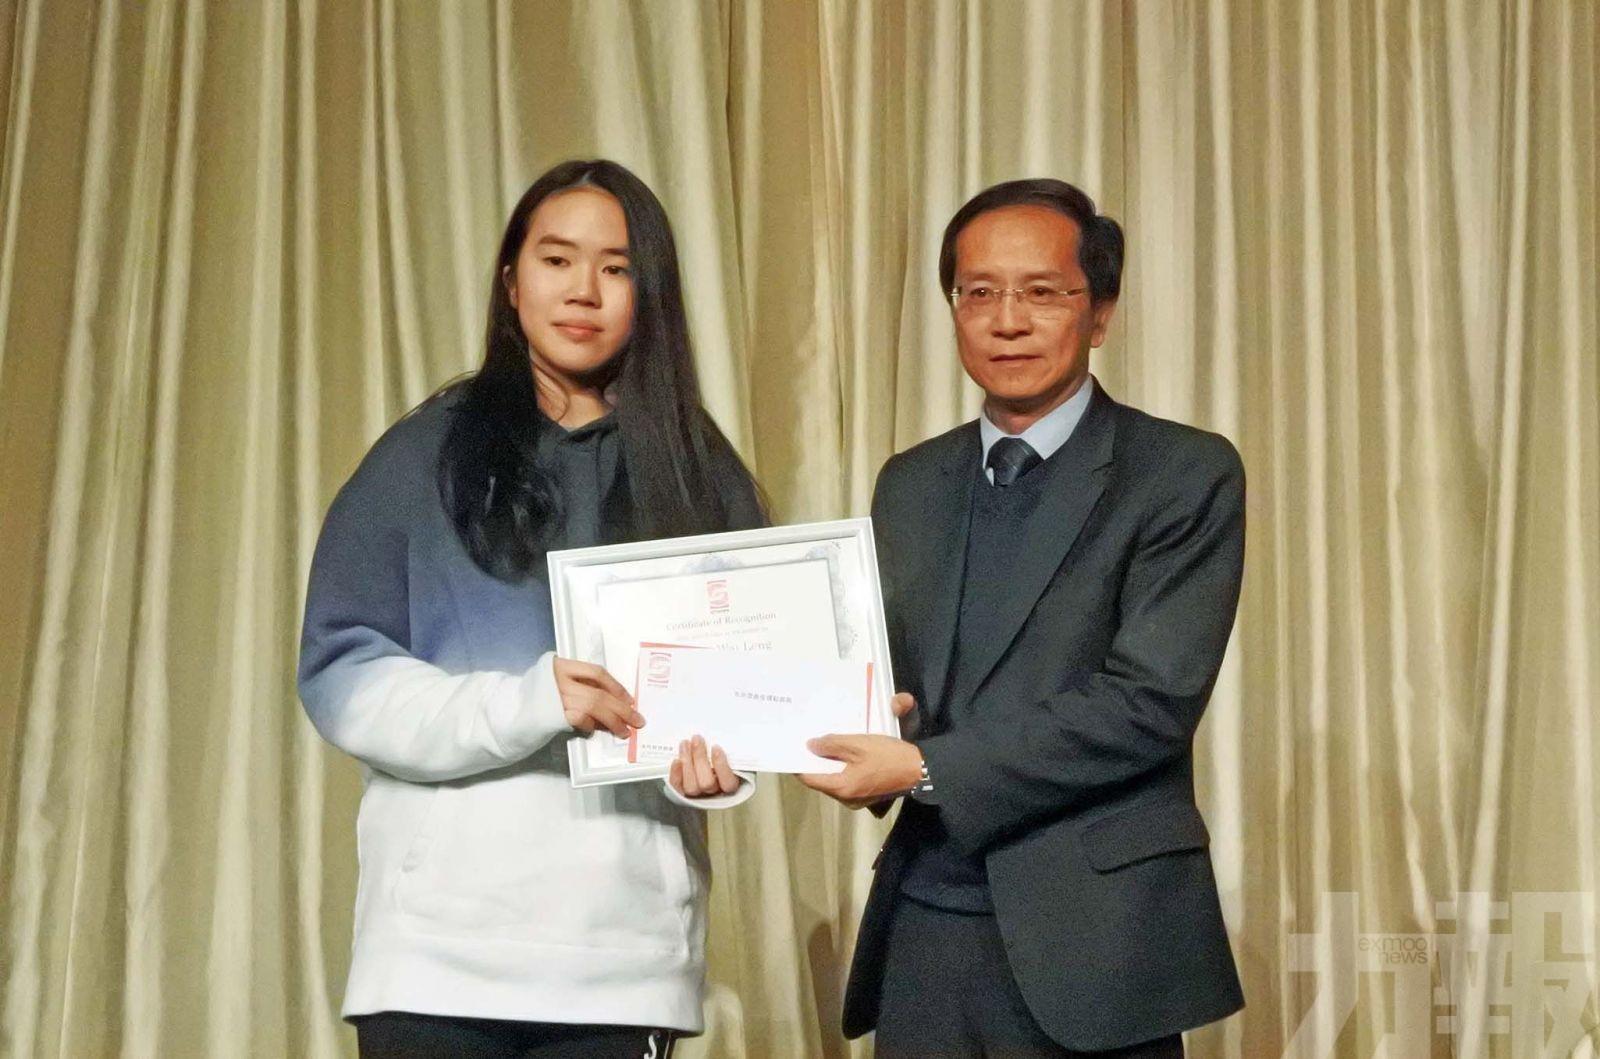 楊慧鈴榮膺全年最佳壁球運動員